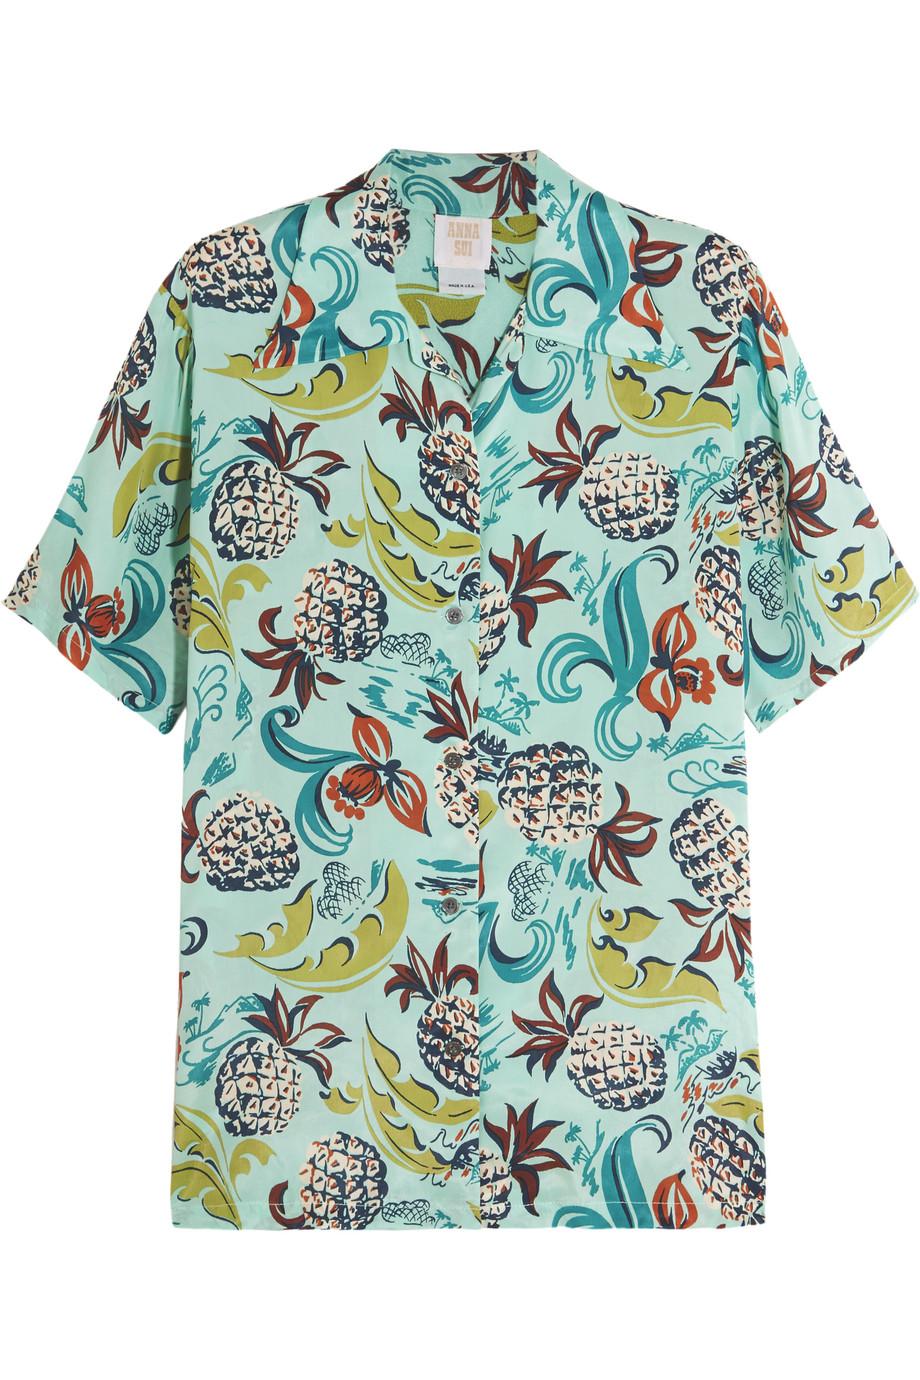 Anna Sui Printed Crepe De Chine Shirt, Sky Blue, Women's